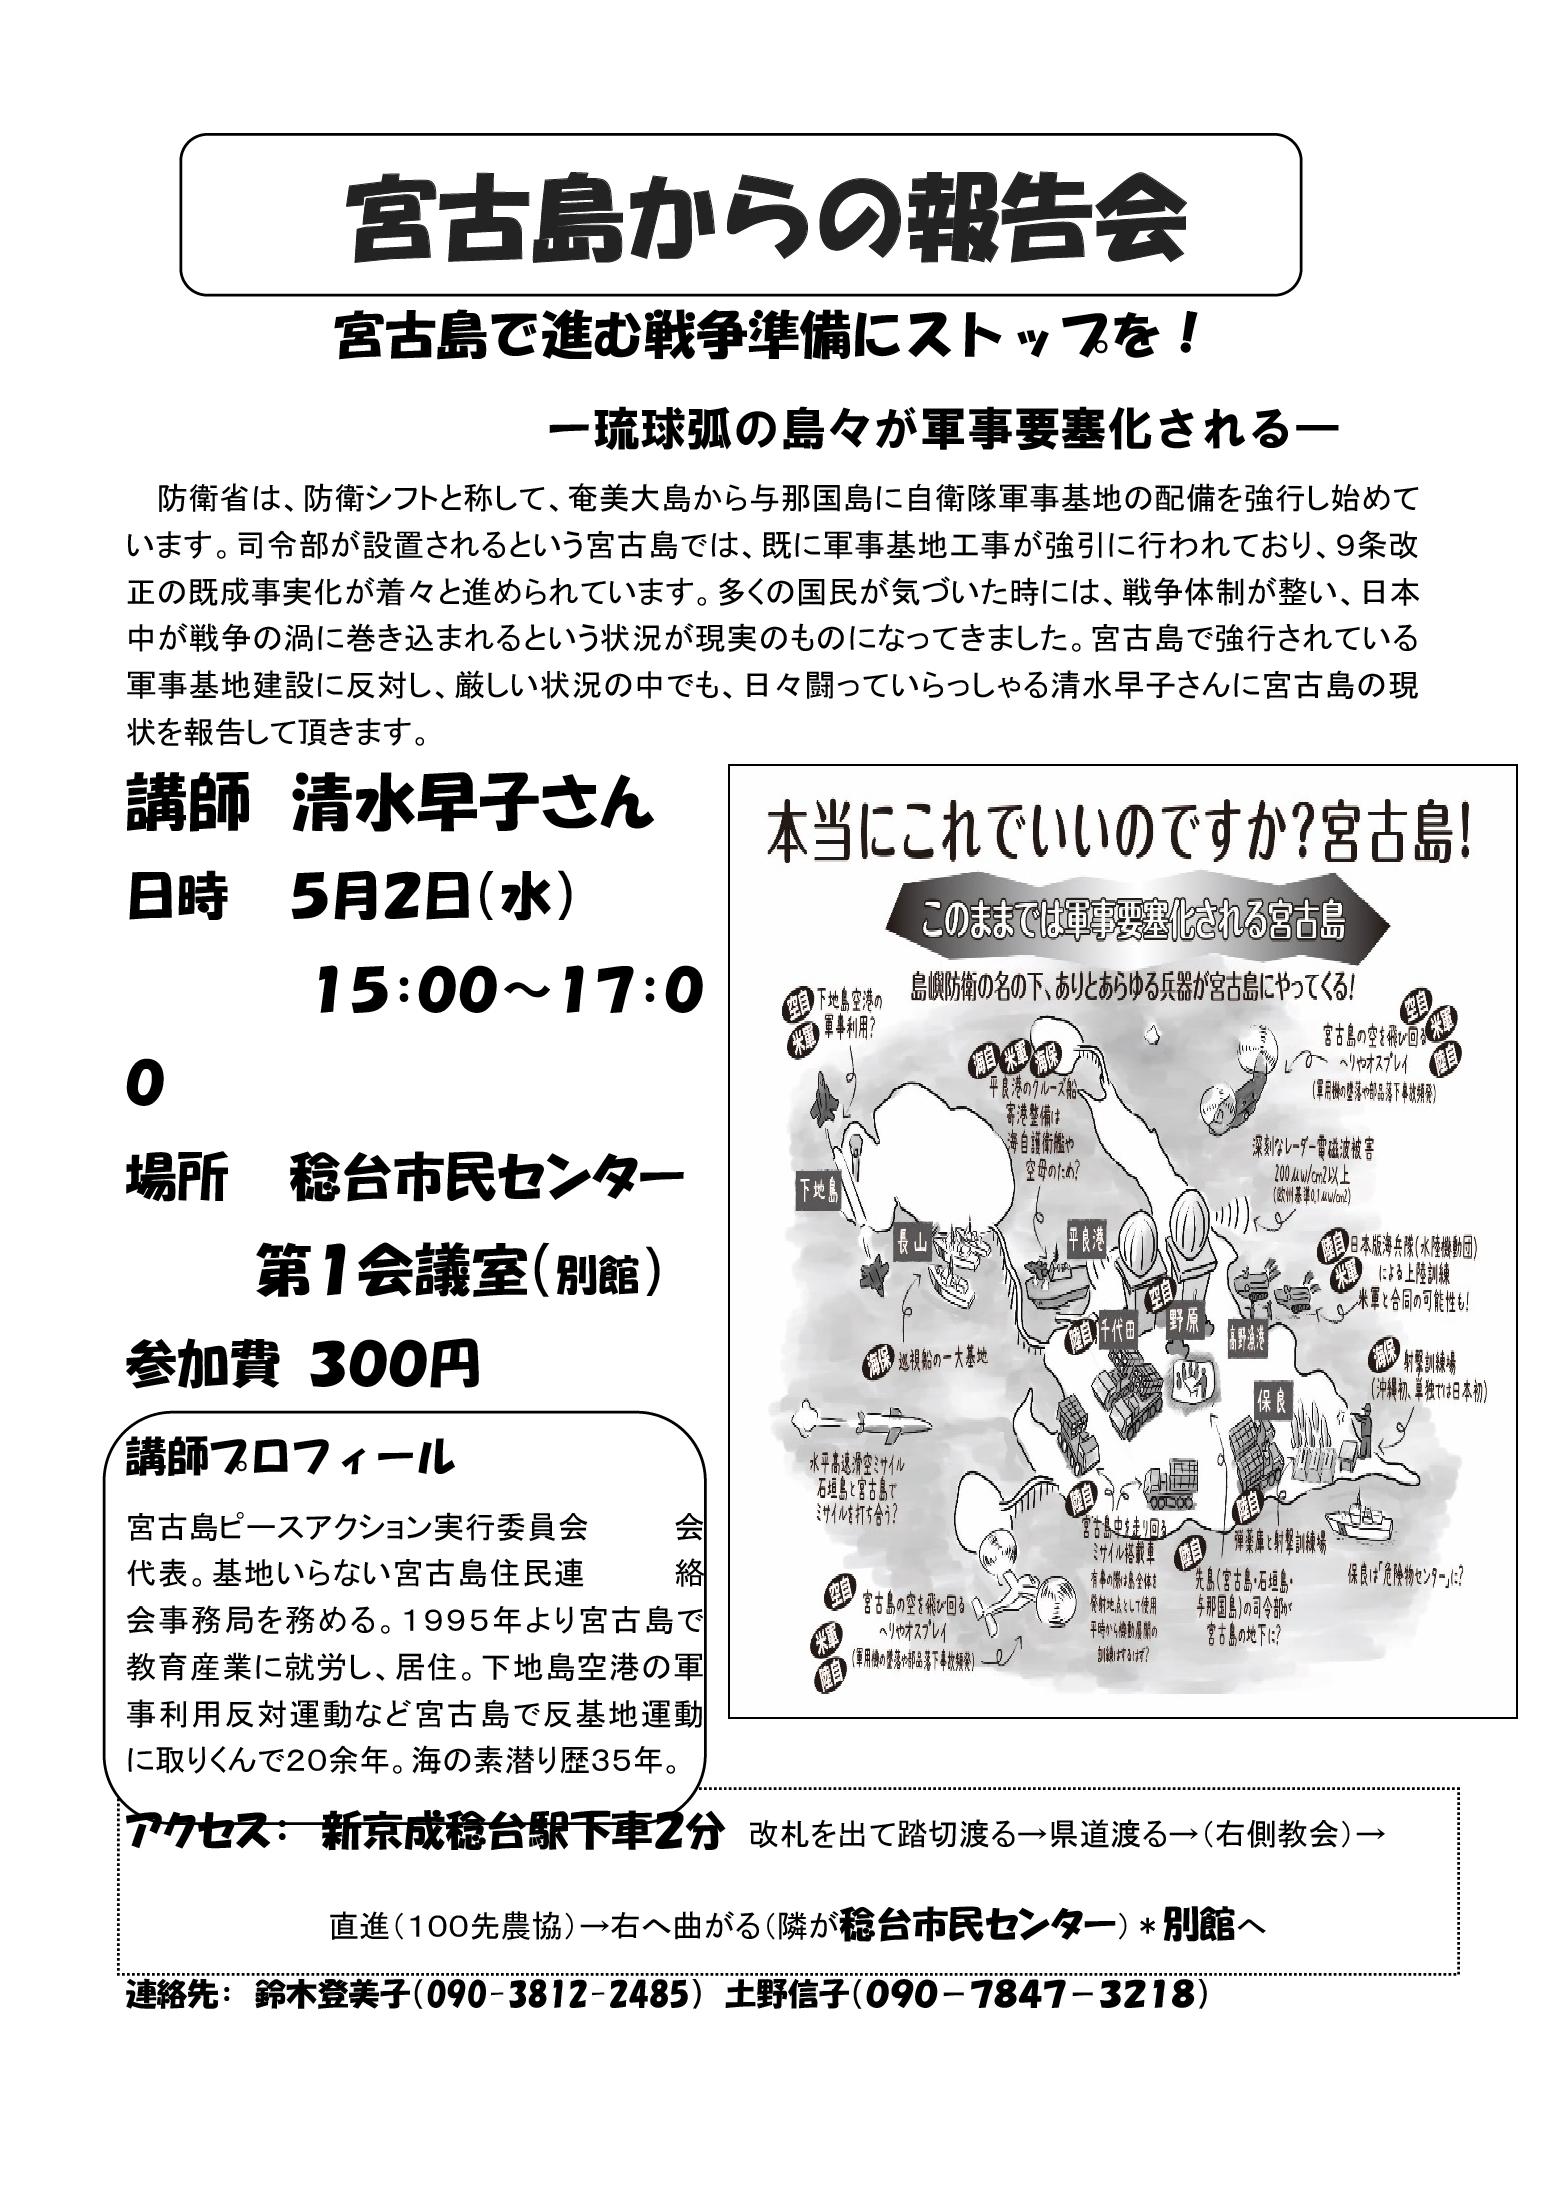 0502清水さん講演会チラシ